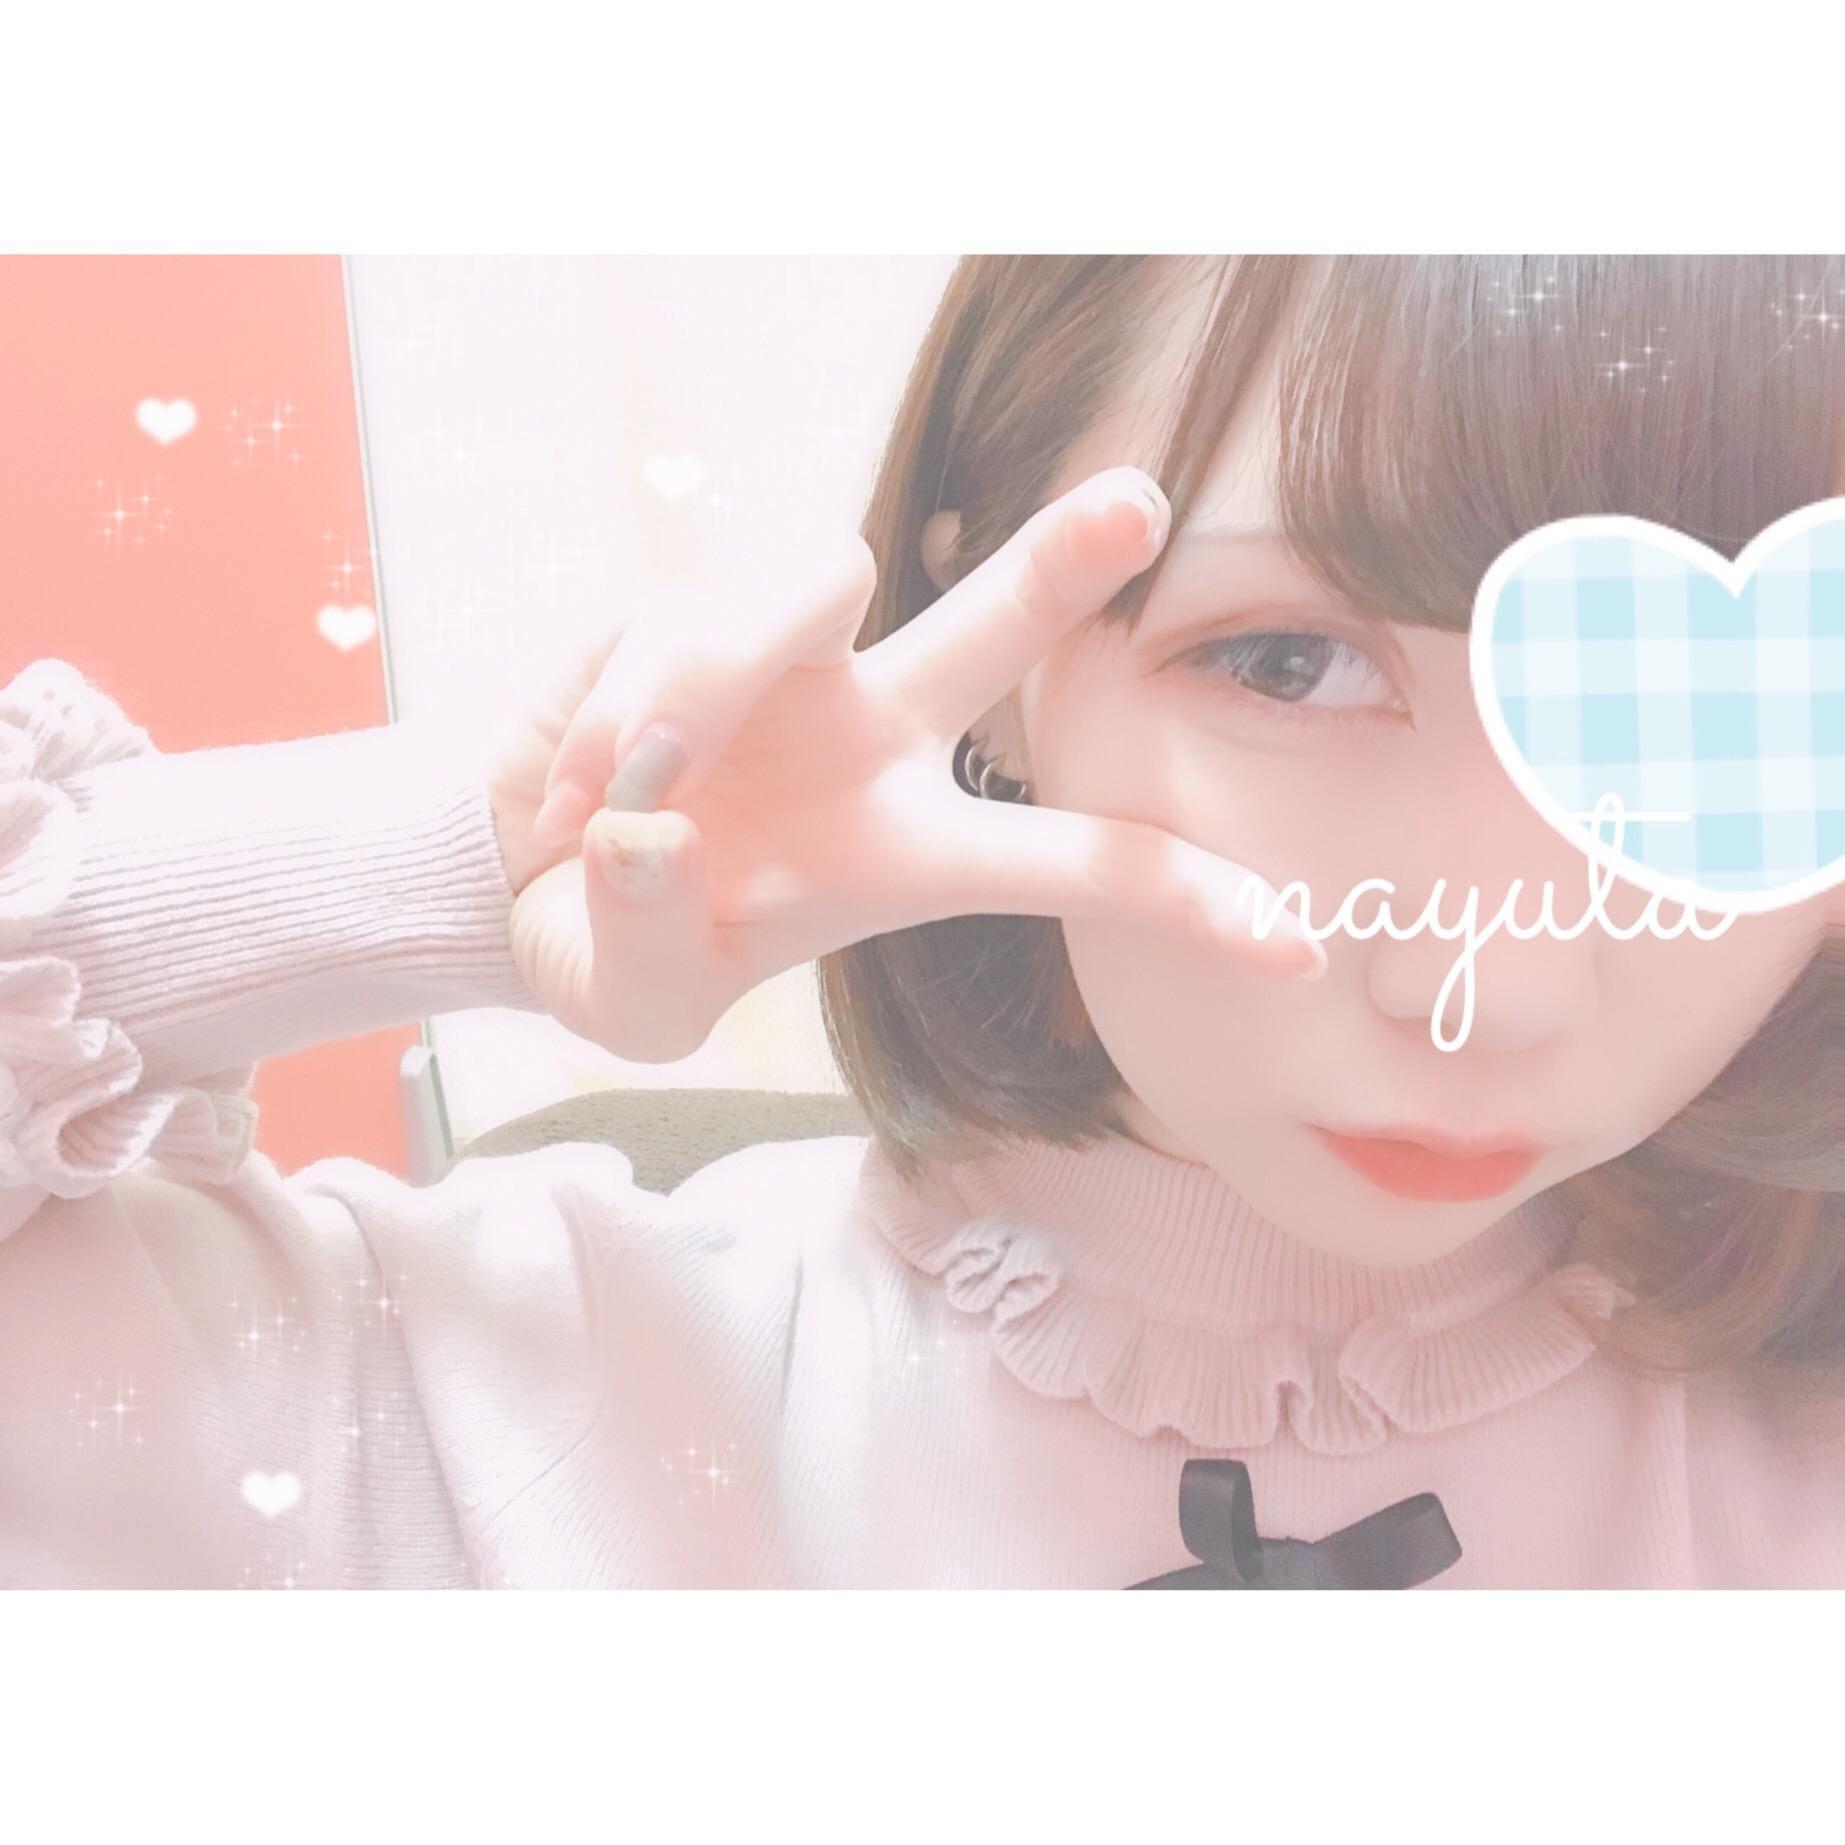 「おそよう ..」12/05(12/05) 15:42 | なゆたの写メ・風俗動画